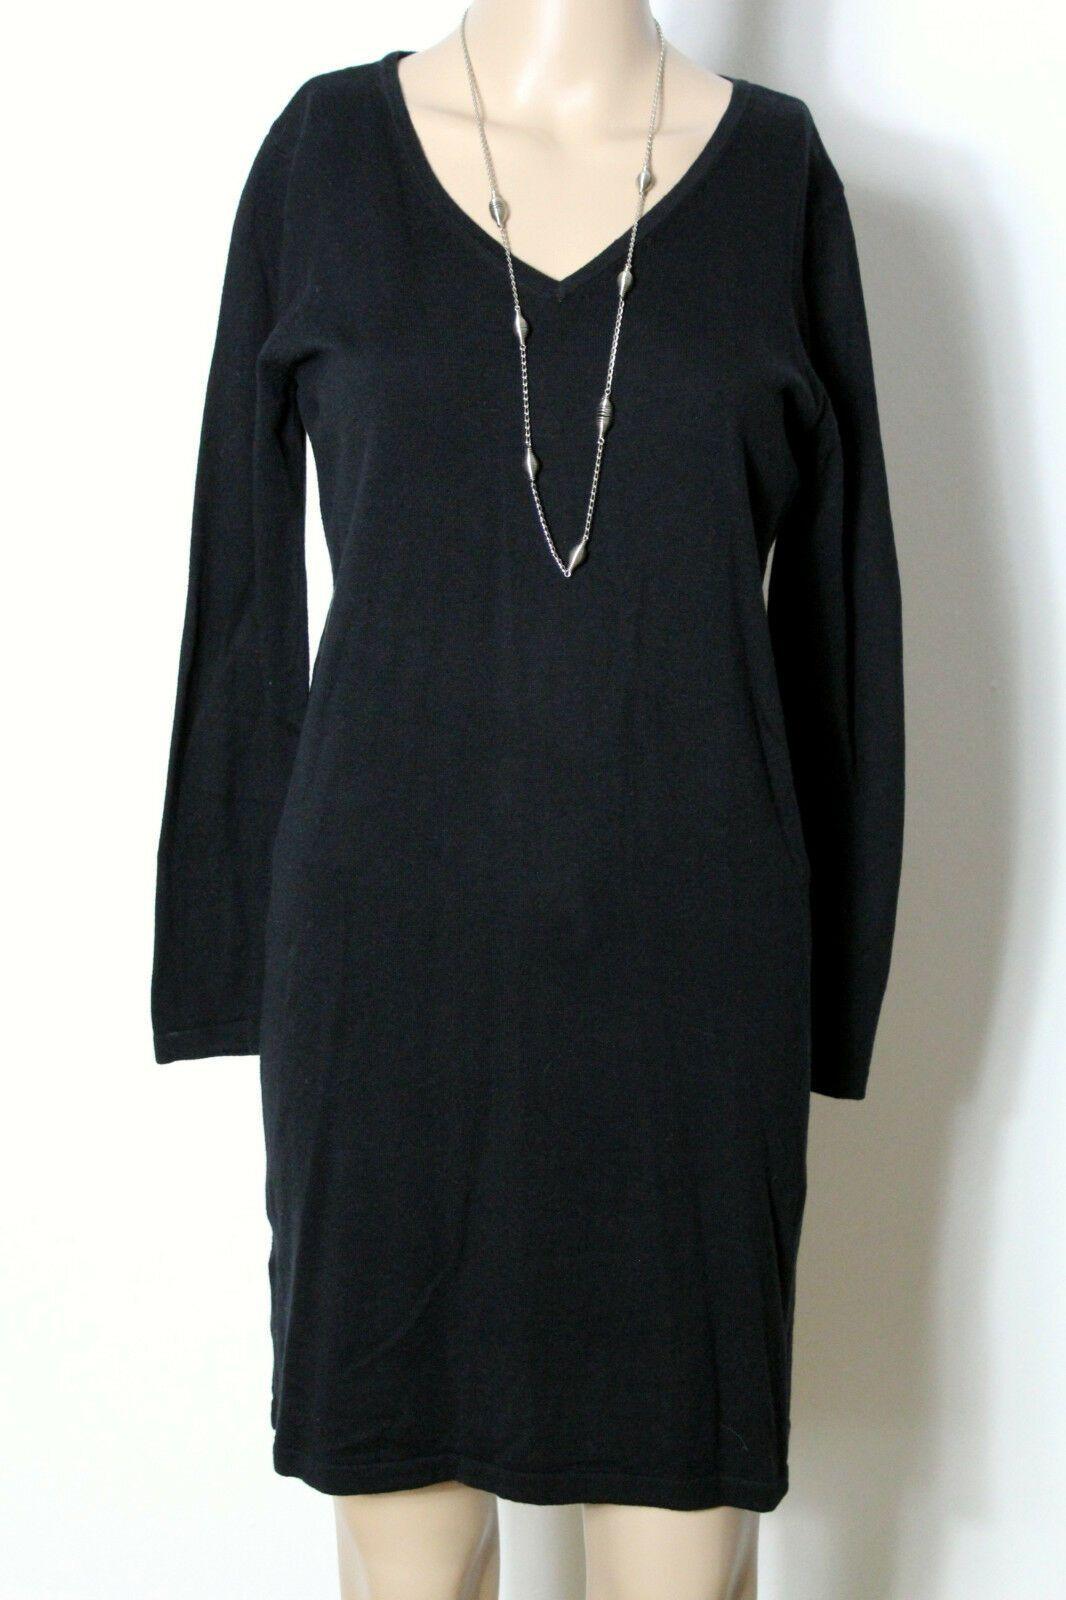 MANGO Kleid Gr. S schwarz kurz/mini Stiefel Strick Kleid